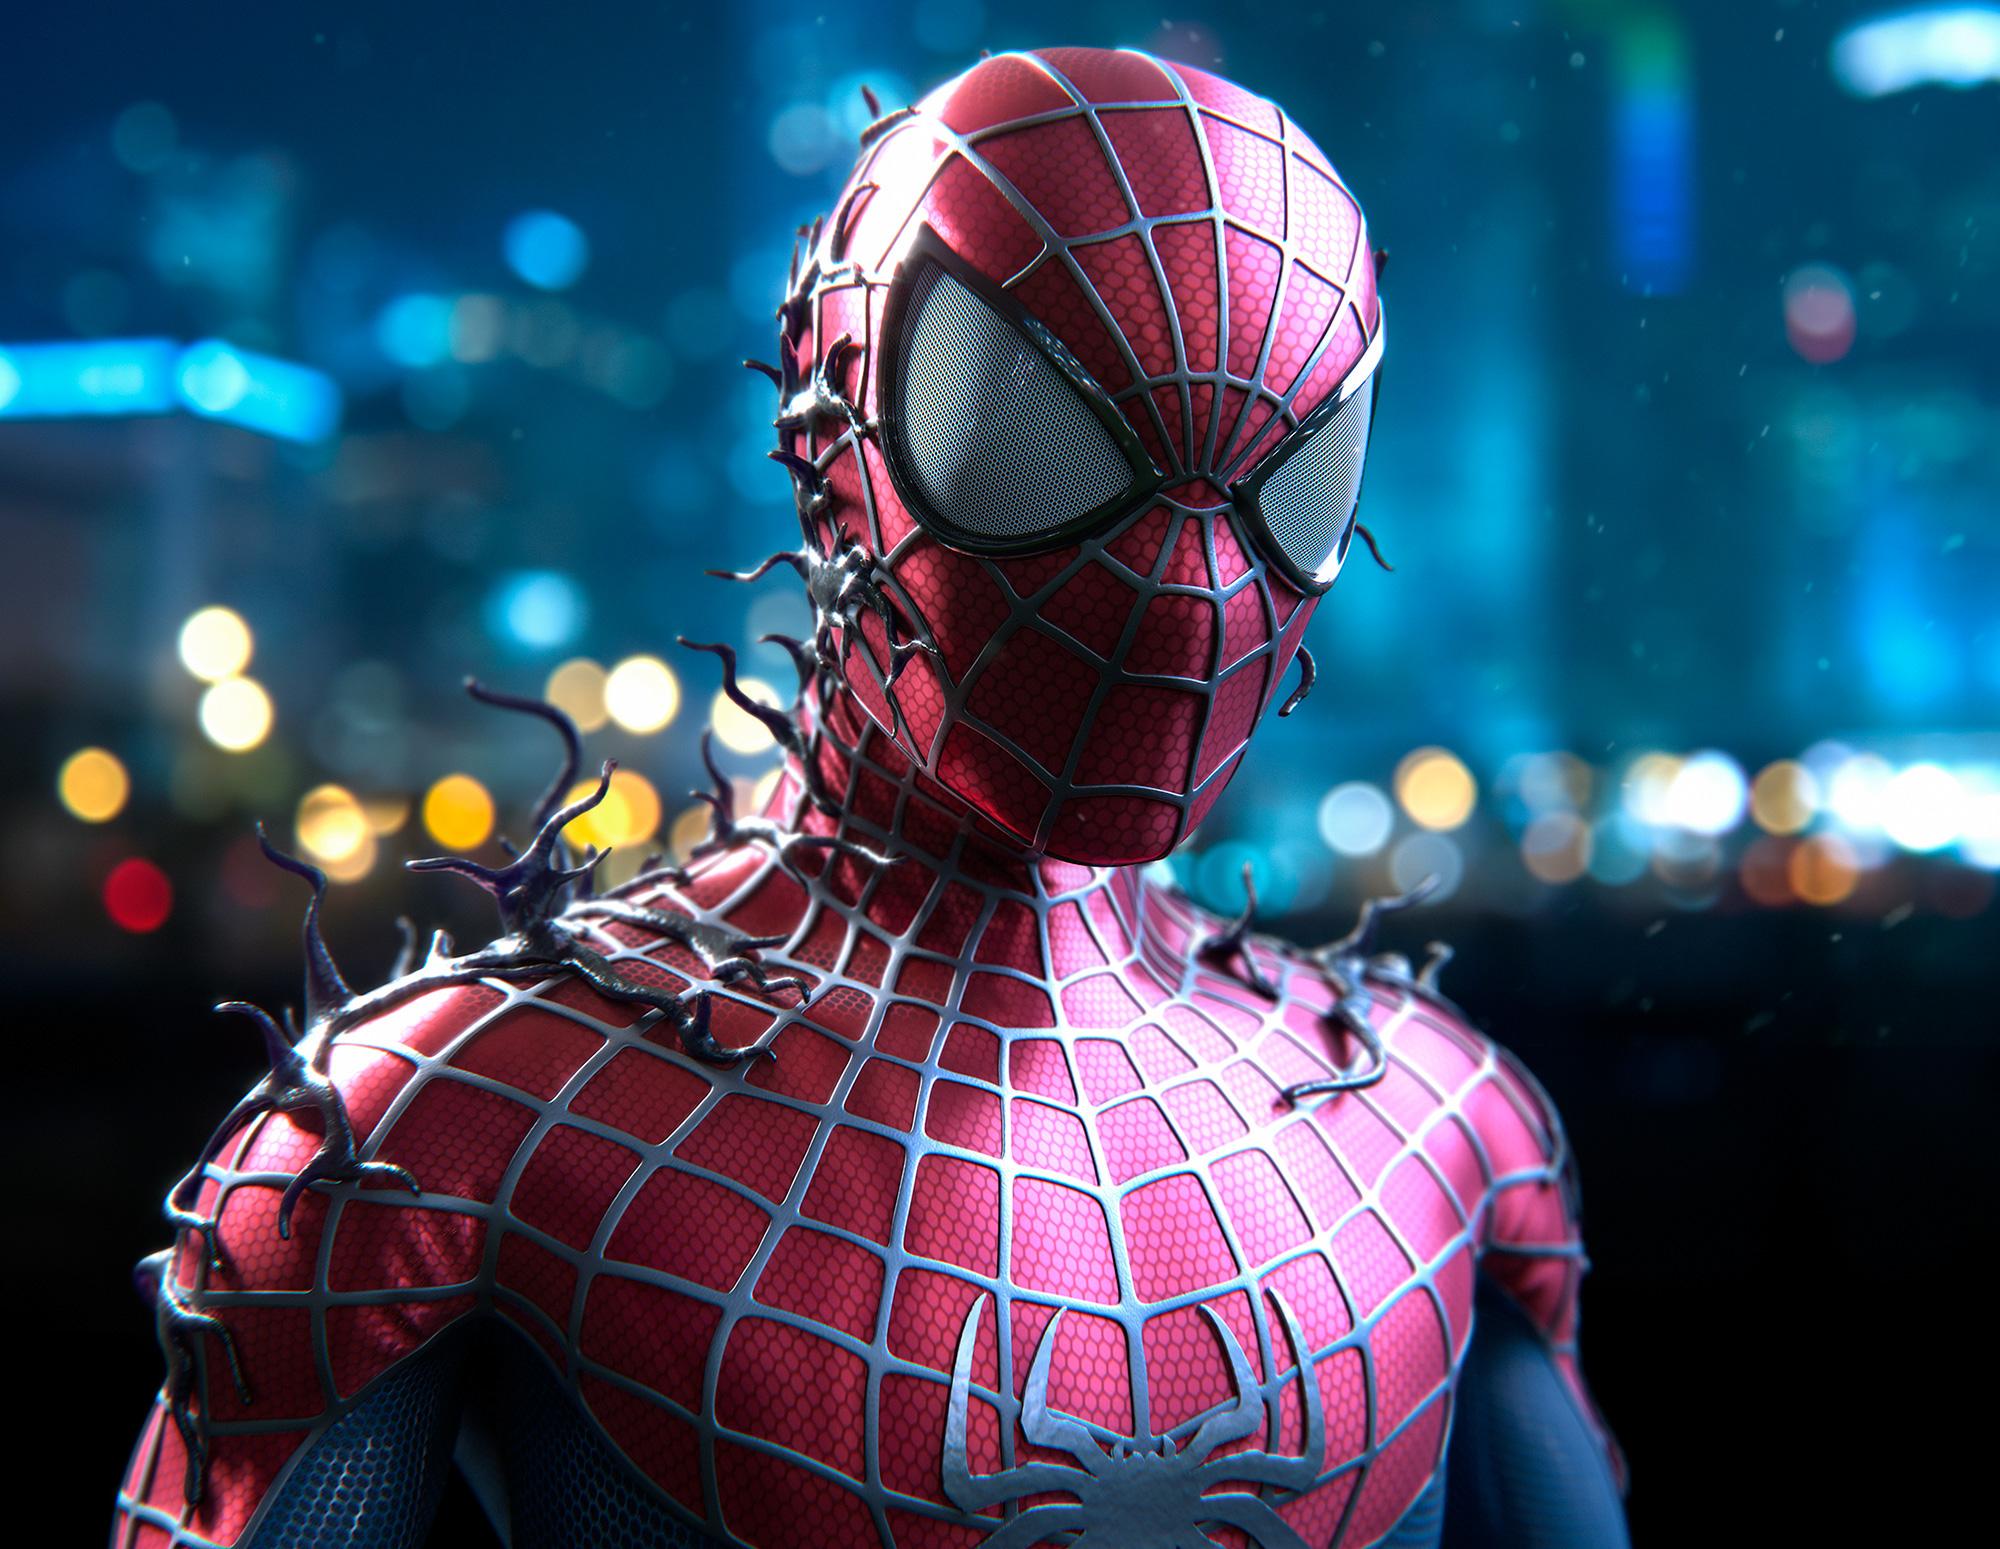 Spiderman Digital Artwork, HD Superheroes, 4k Wallpapers ...